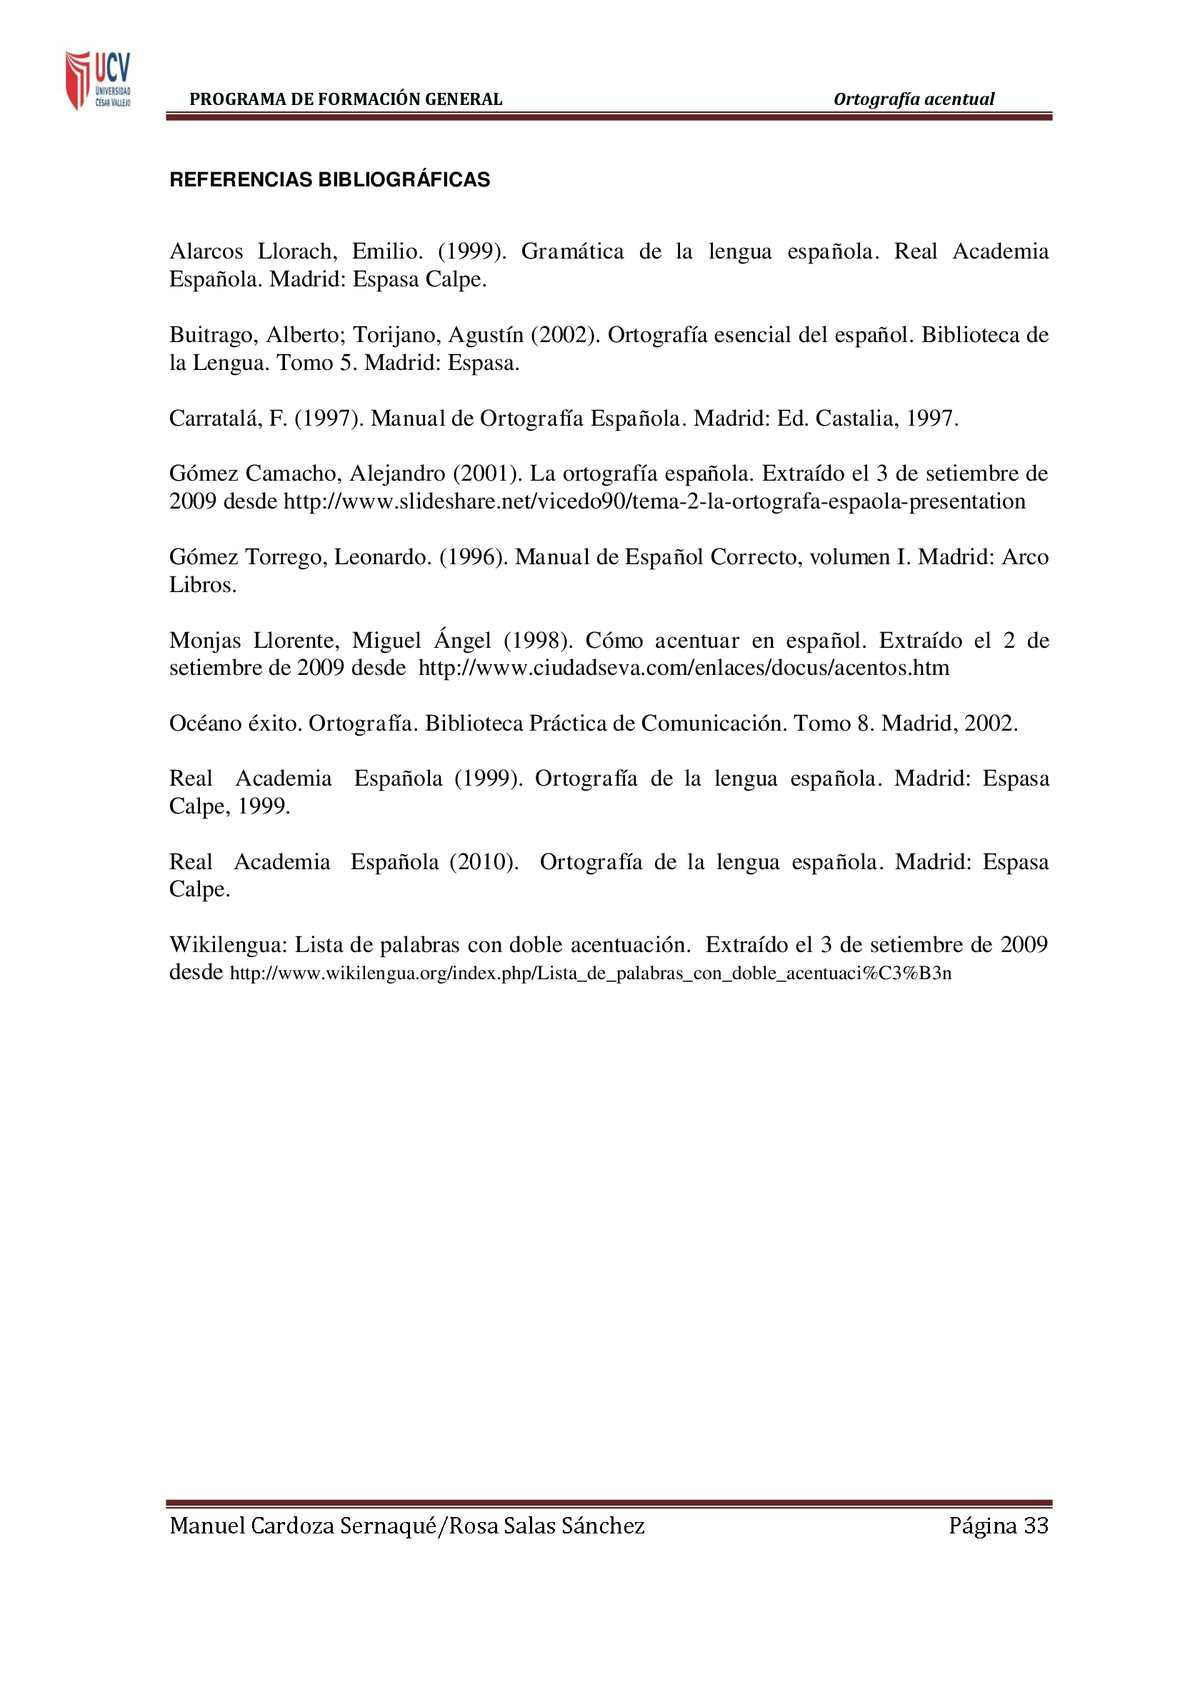 Lujo Reanudar Con Acentos Correctos Regalo - Ejemplo De Colección De ...